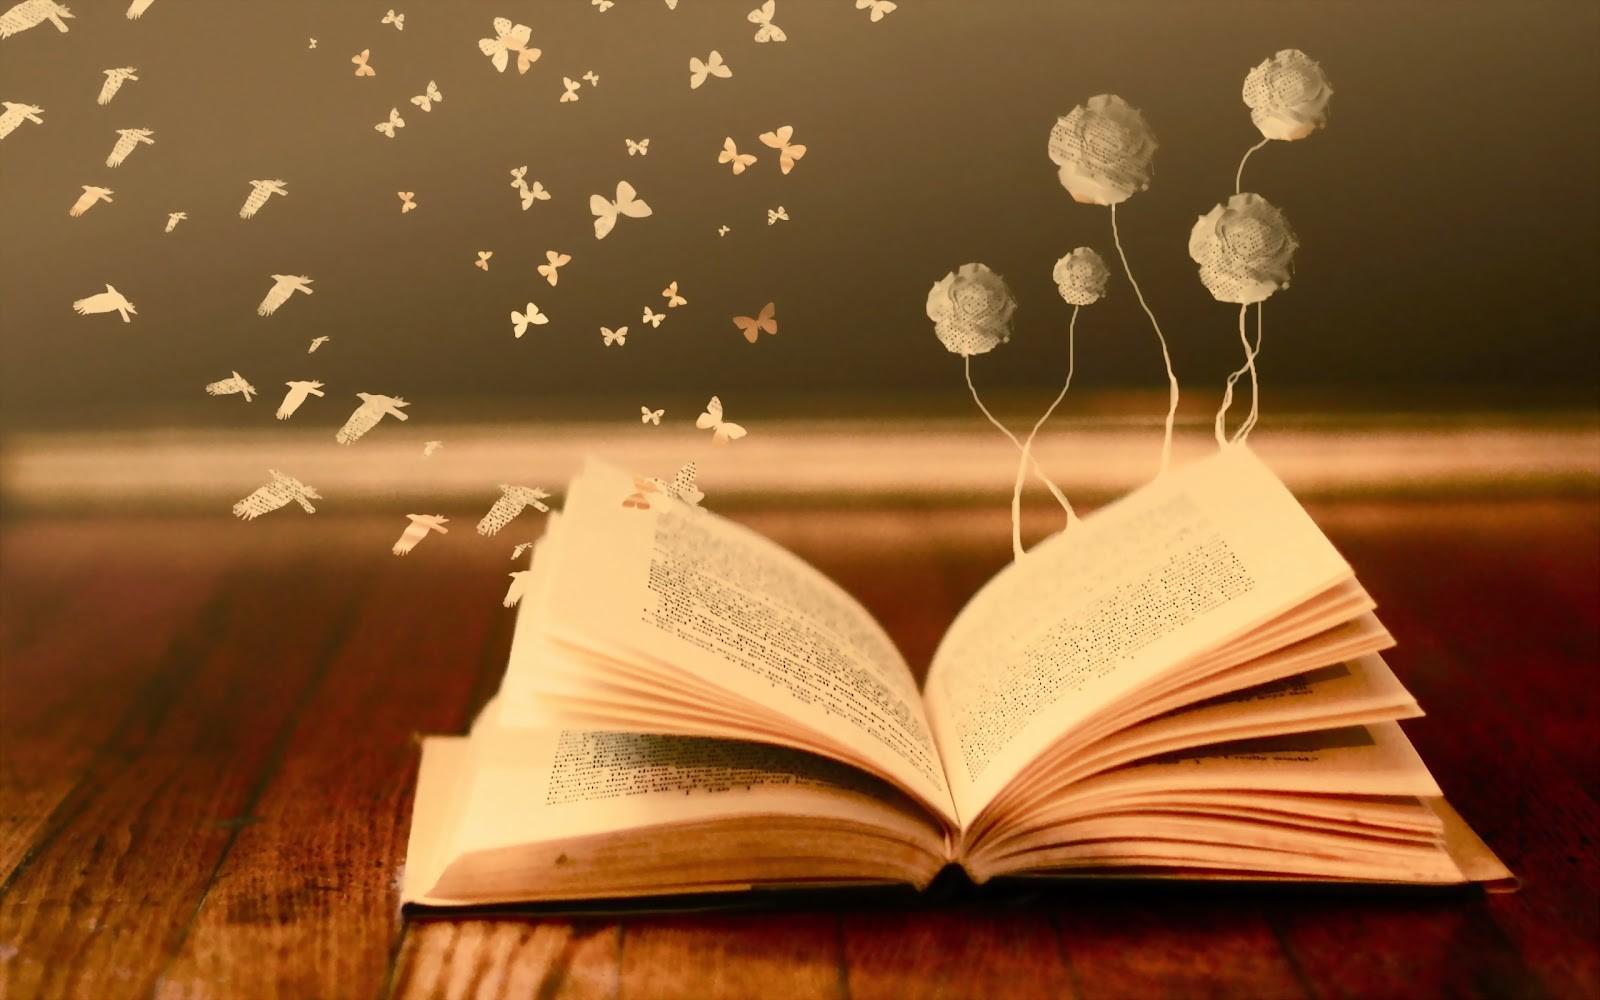 «Дар духовный». В свет вышел литературный альманах произведений 59 авторов